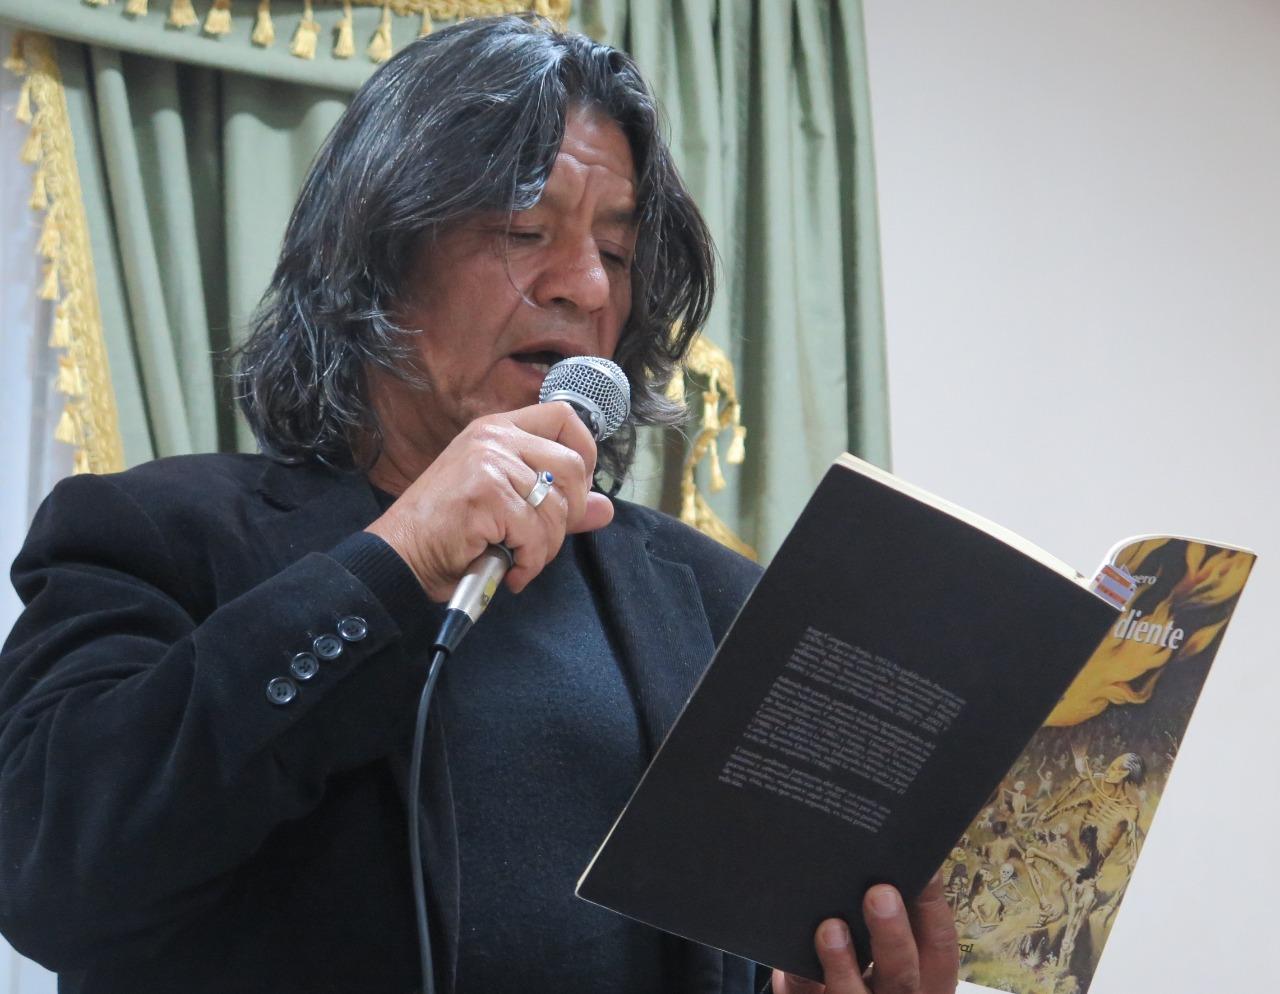 Jorge Campero leerá sus poemas inéditos en una velada literaria